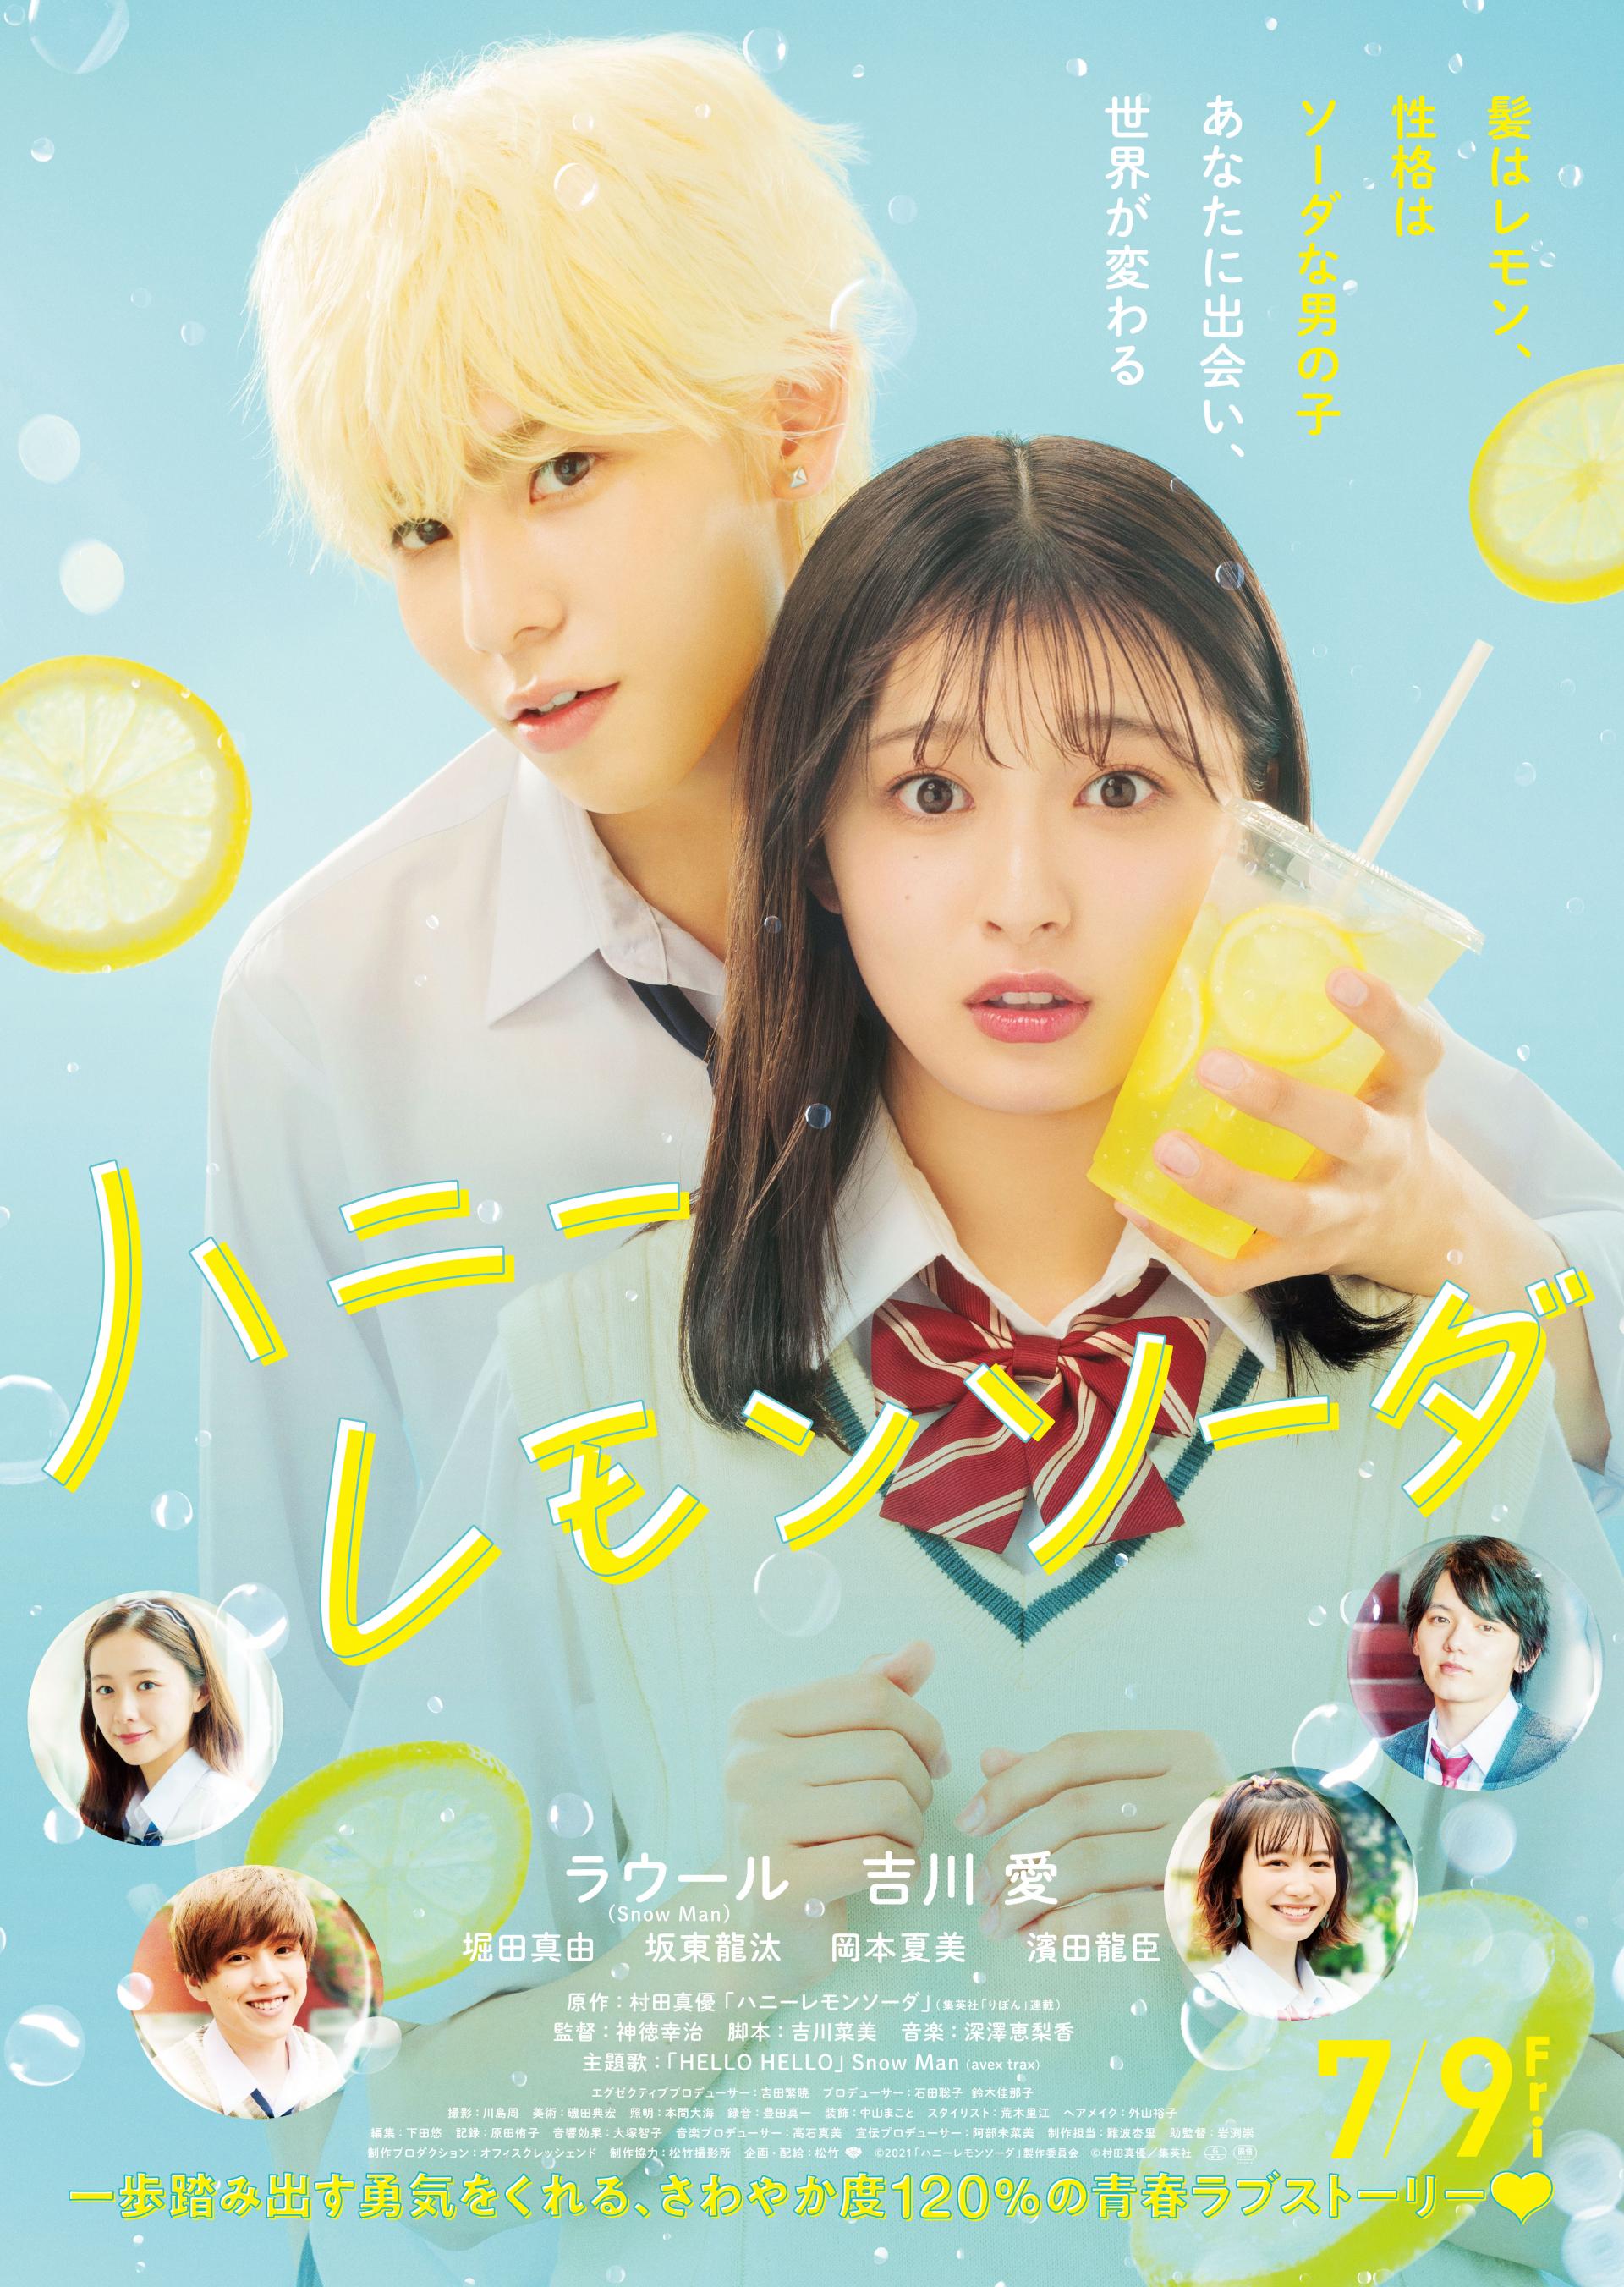 映画「ハニーレモンソーダ」公開記念 ロケ地めぐりフォトラリー